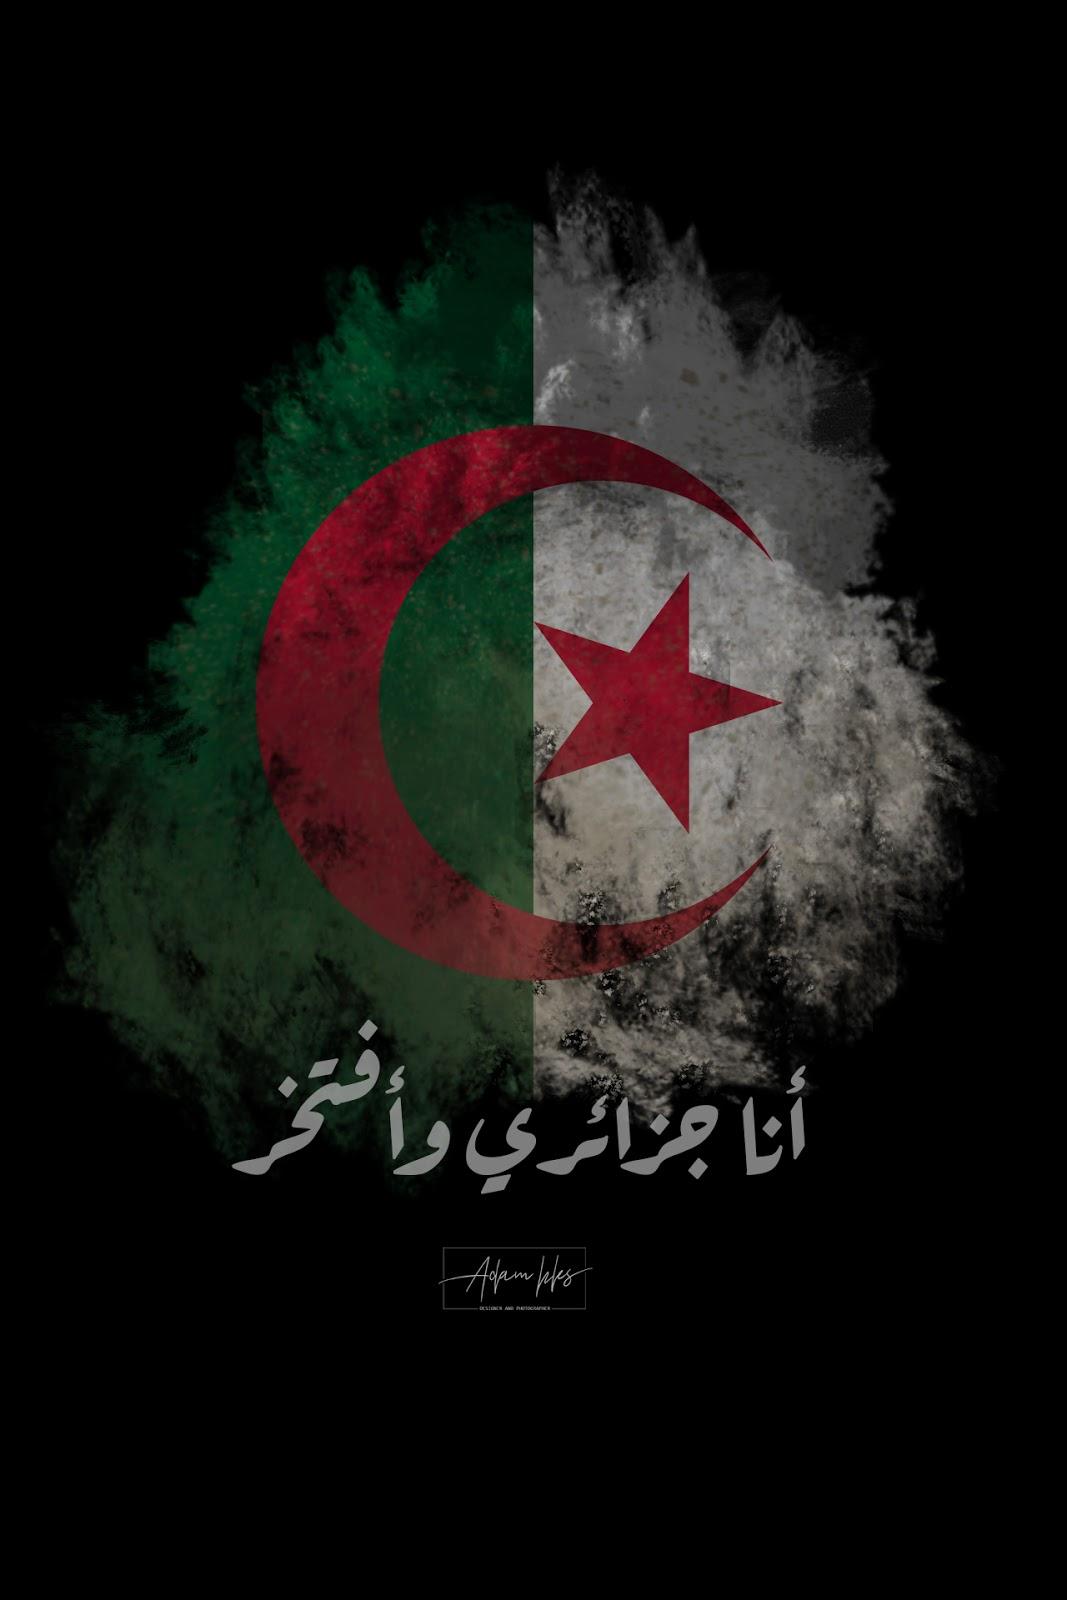 أنا جزائري وأفتخر